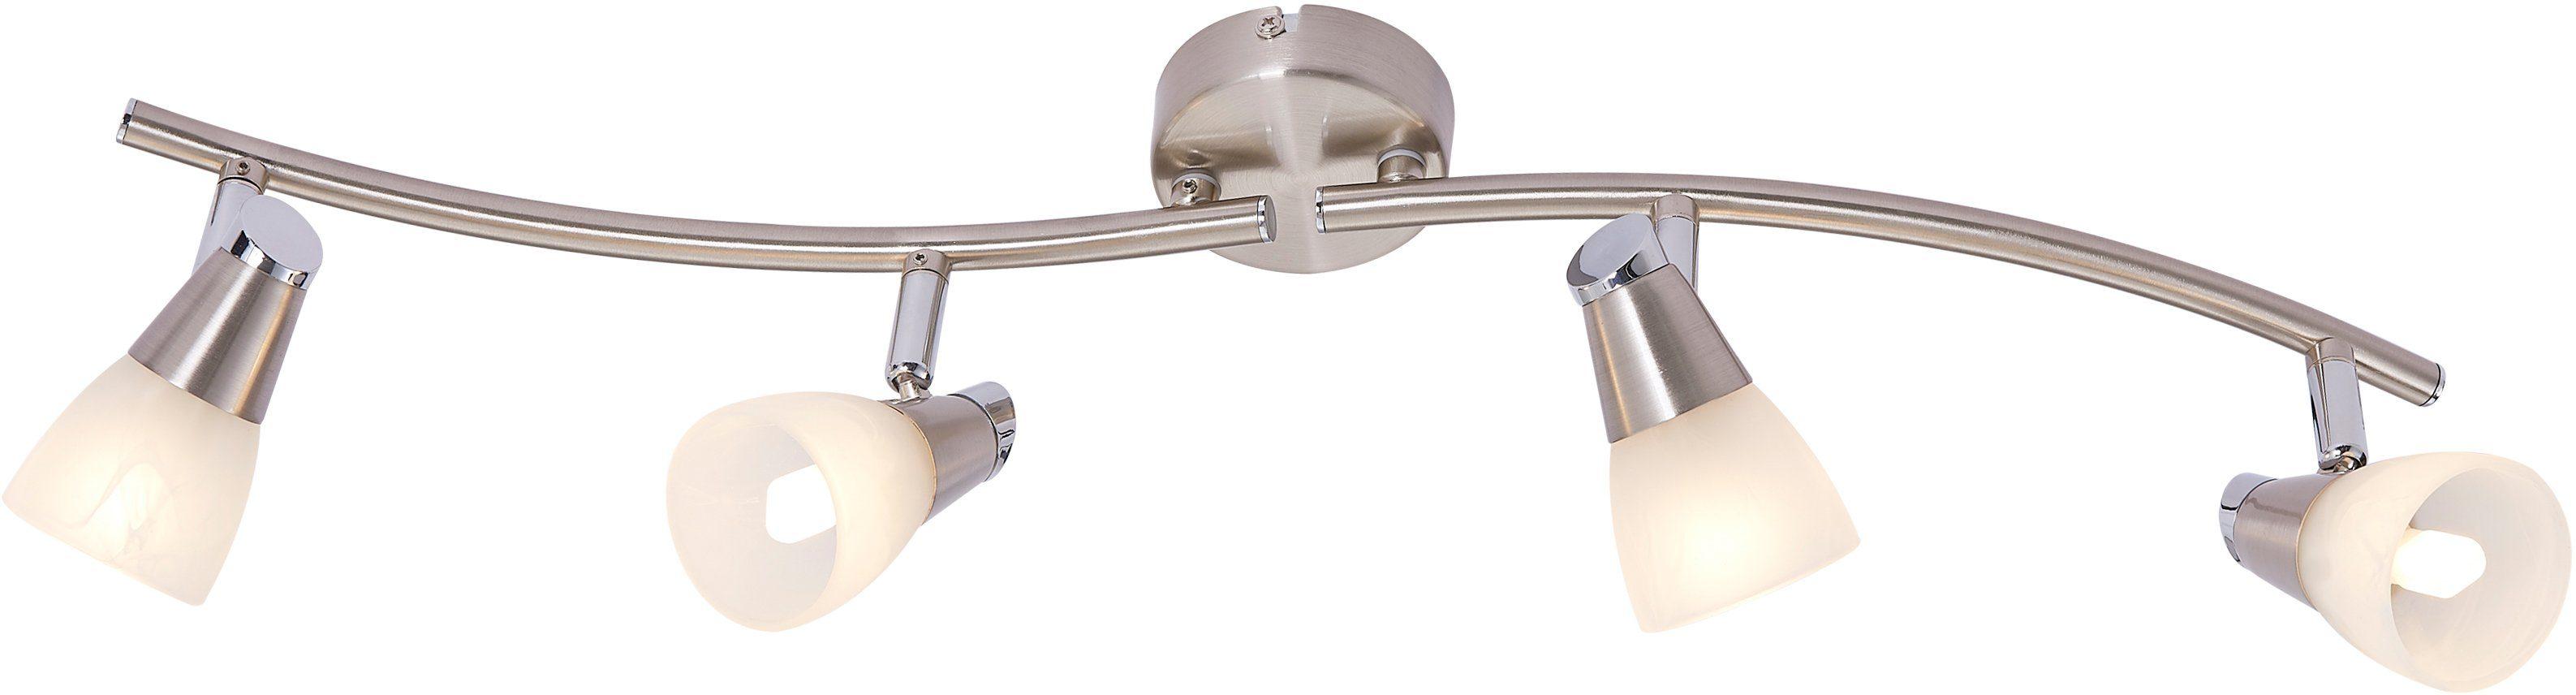 Nino Leuchten LED Deckenstrahler »LAIKA«, 4-flammig